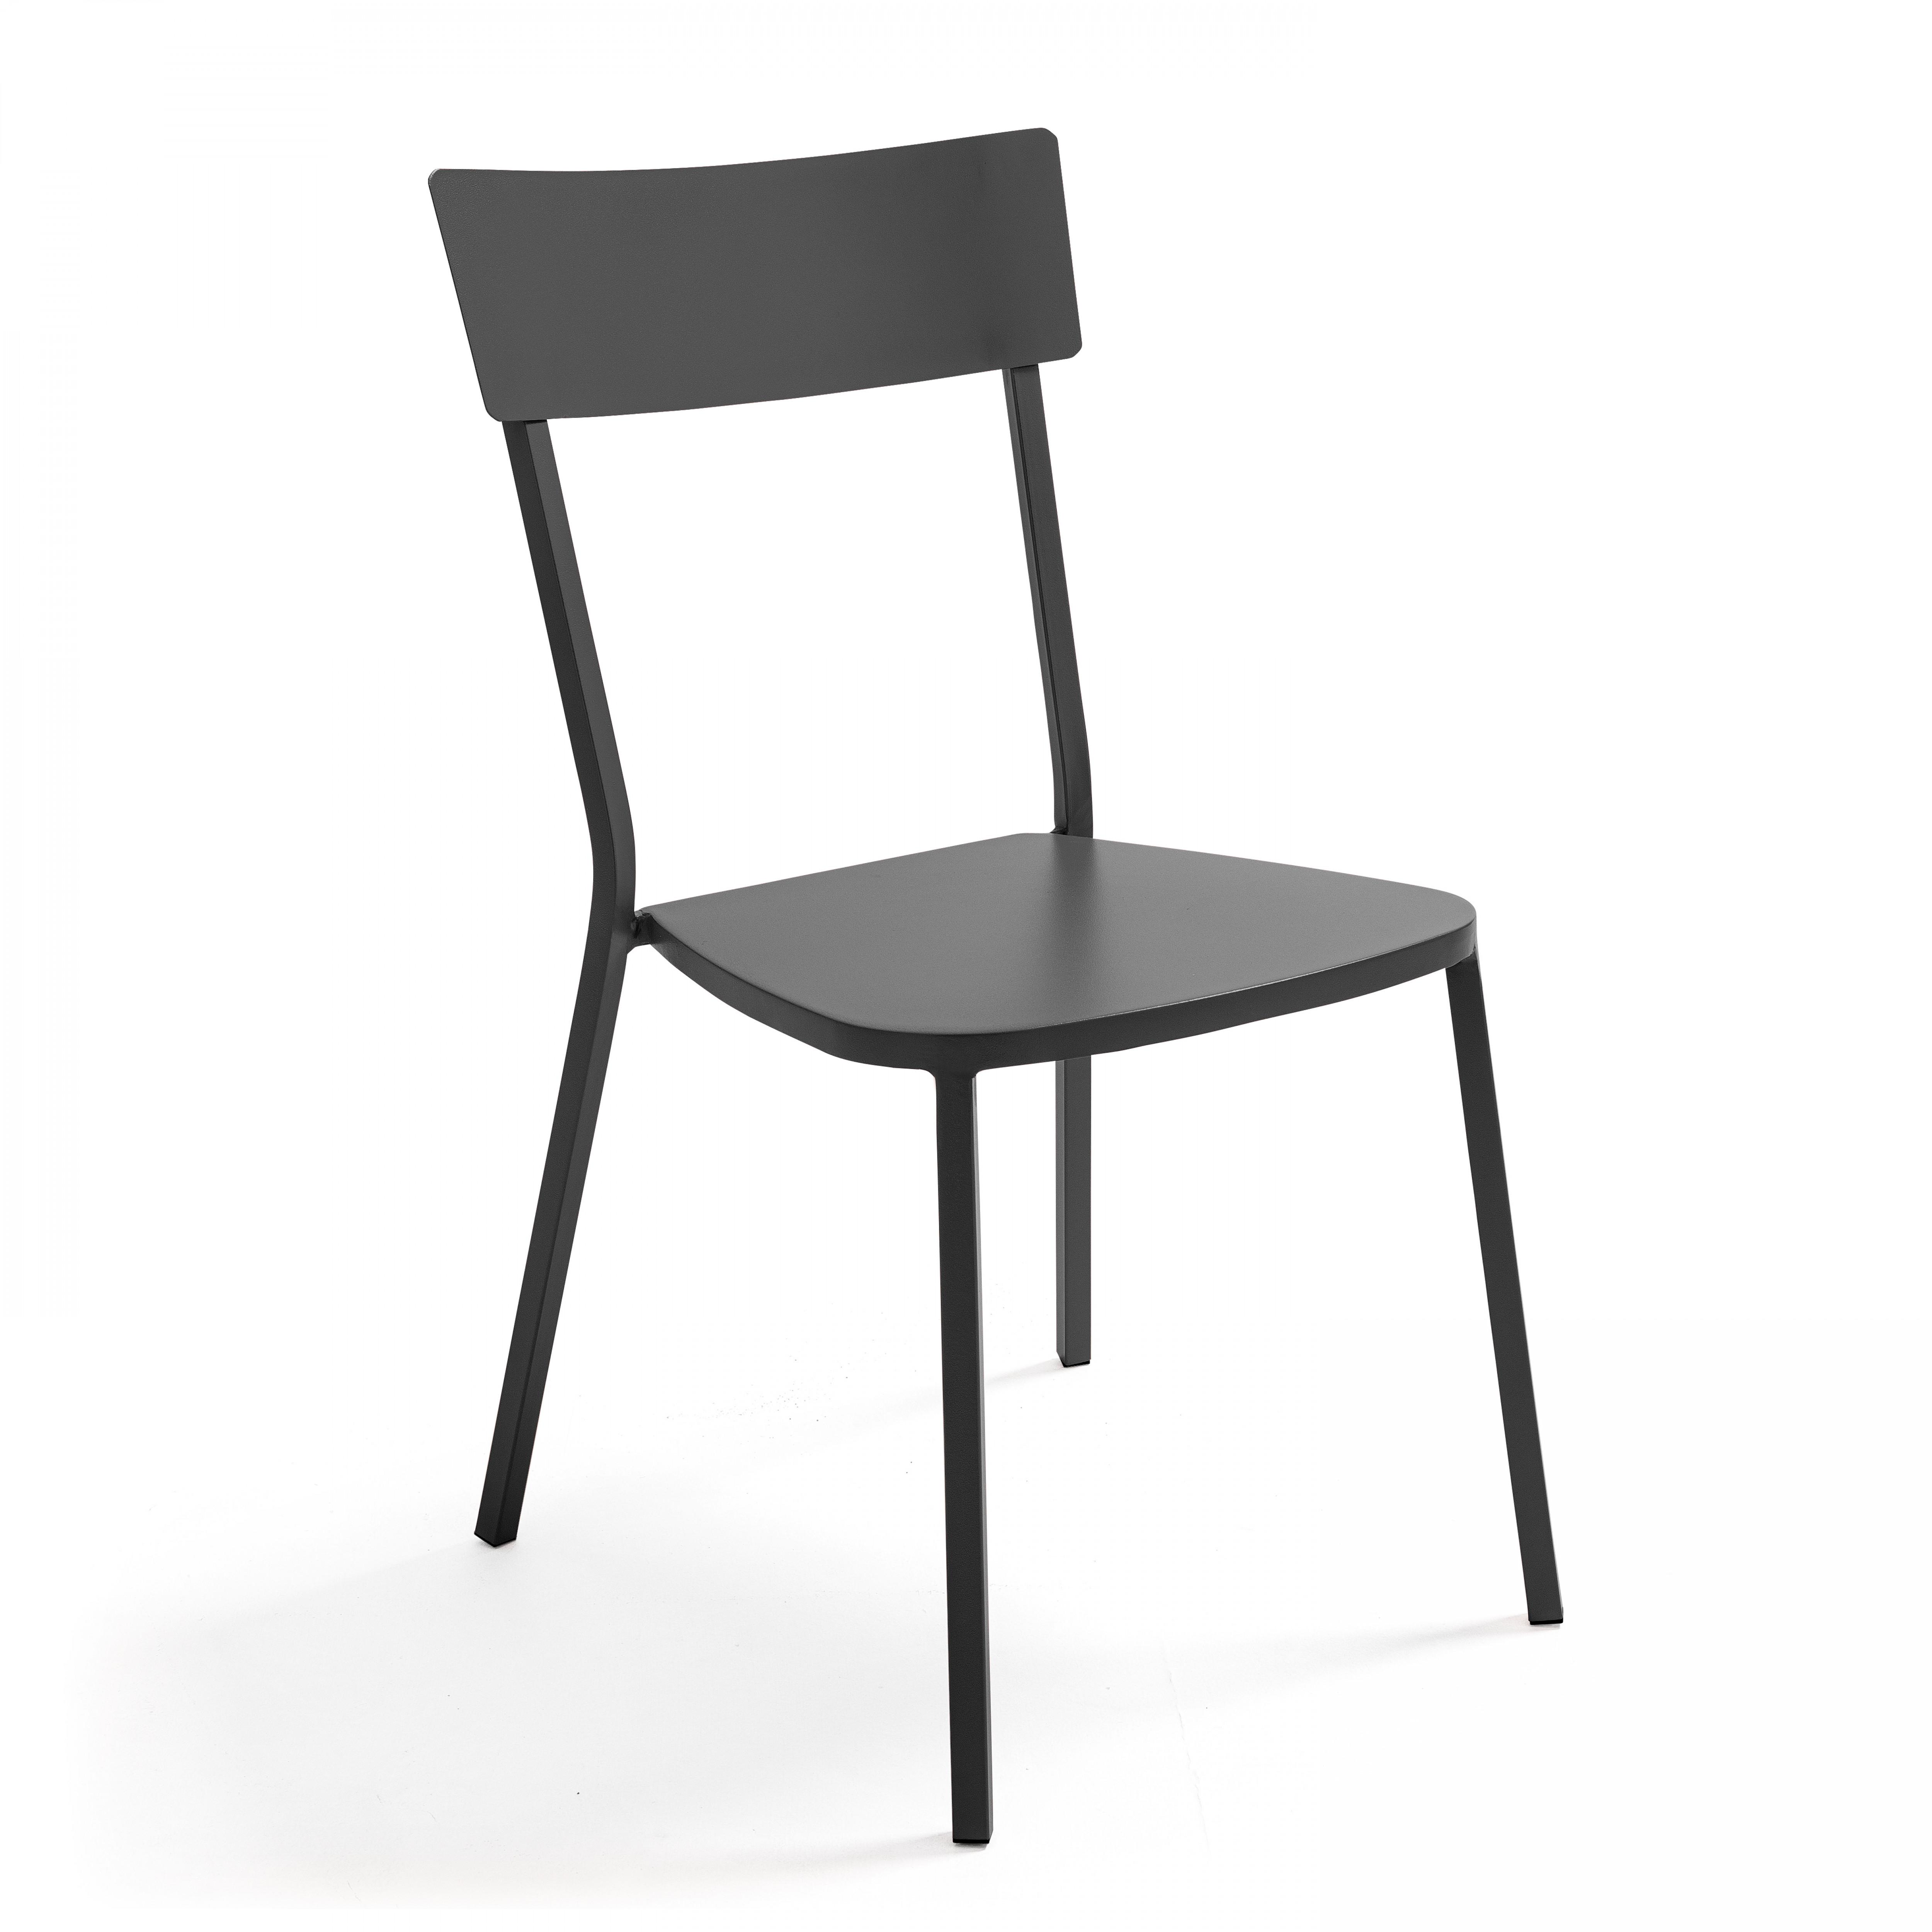 Chaise de jardin bistrot 1 place en acier gris